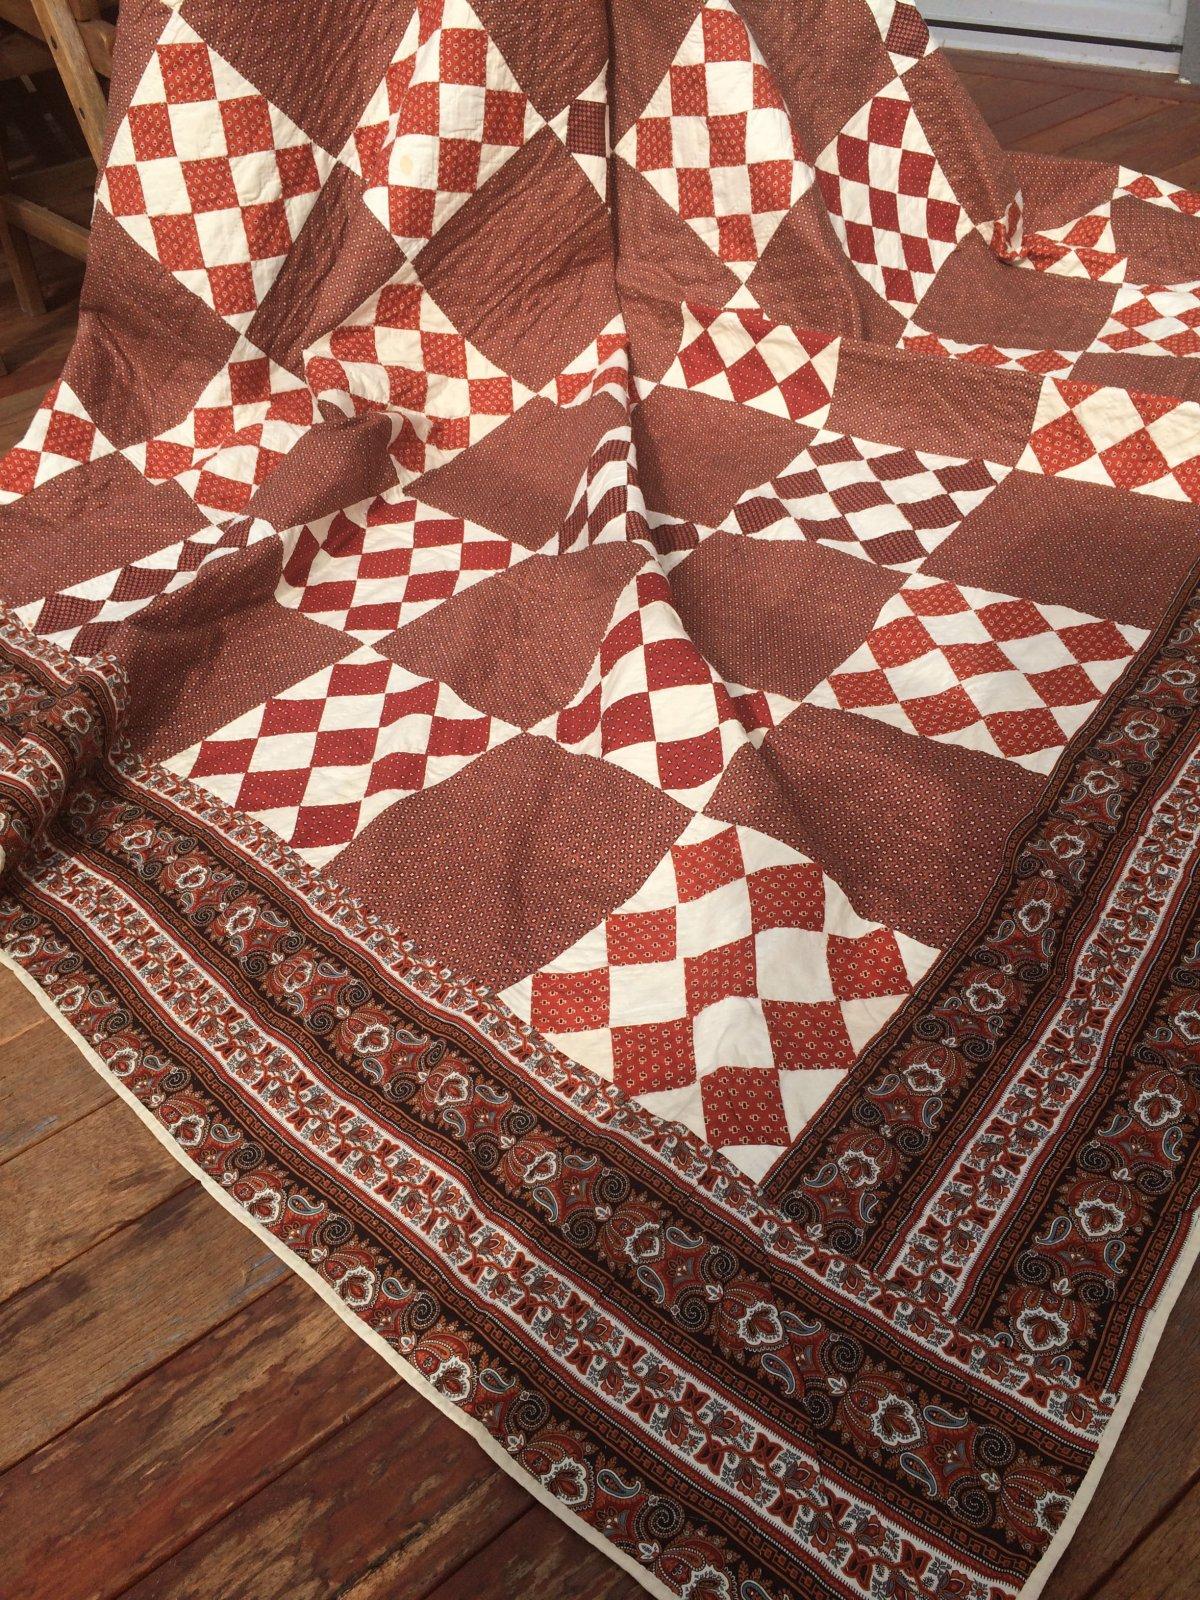 1850's Antique Quilt